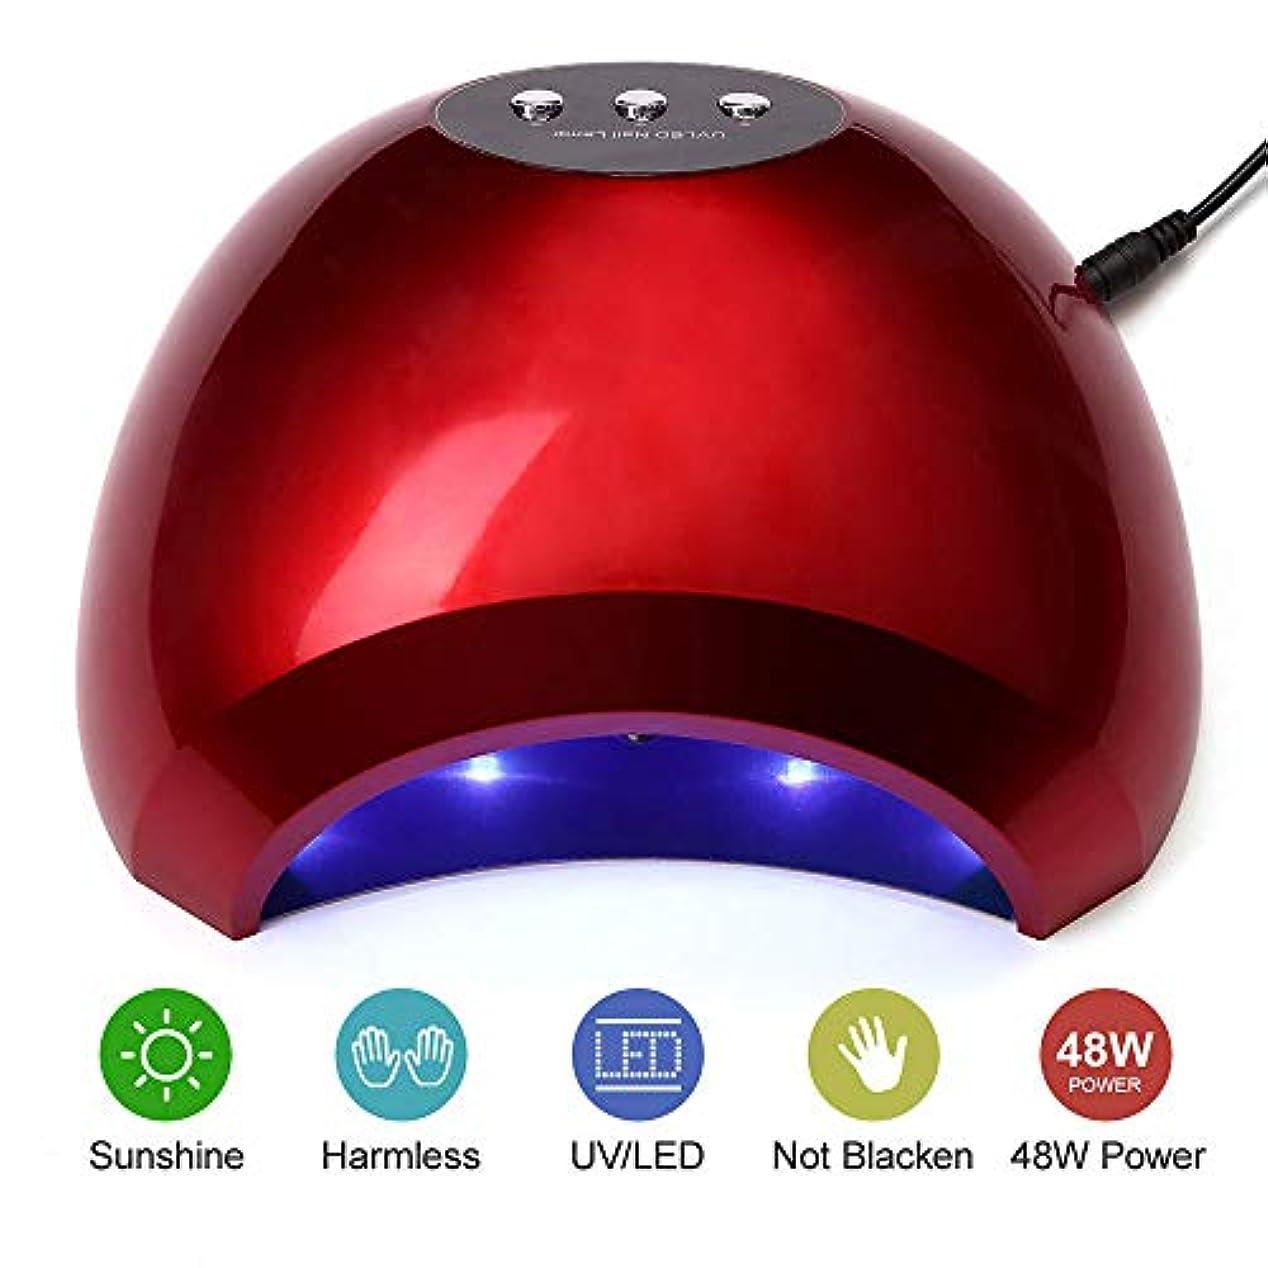 聖なる創始者それに応じてネイルドライヤーランプ48W UV LEDネイルキュアランプライトソークオフネイルジェルランプマニキュアペディキュアドライヤー付きセンサー高速